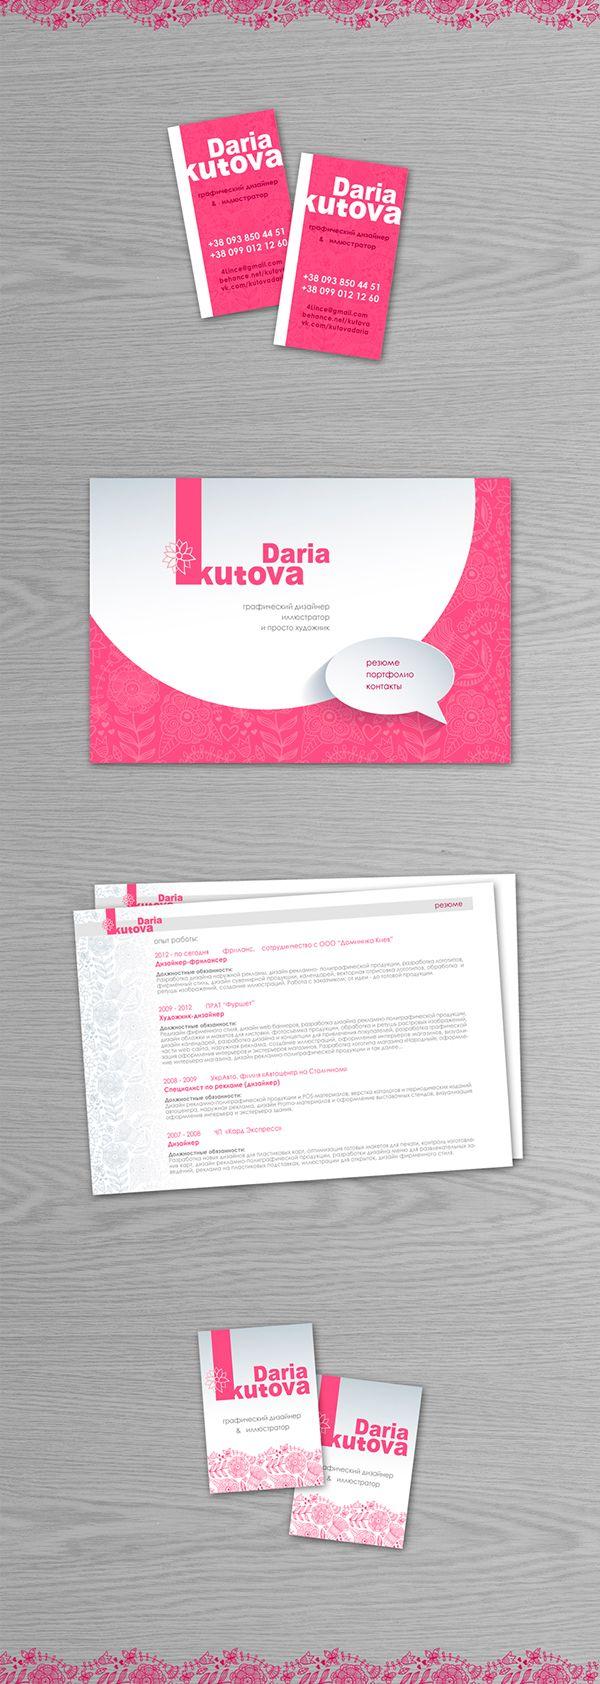 Дизайн портфолио и визитка для меня on Behance